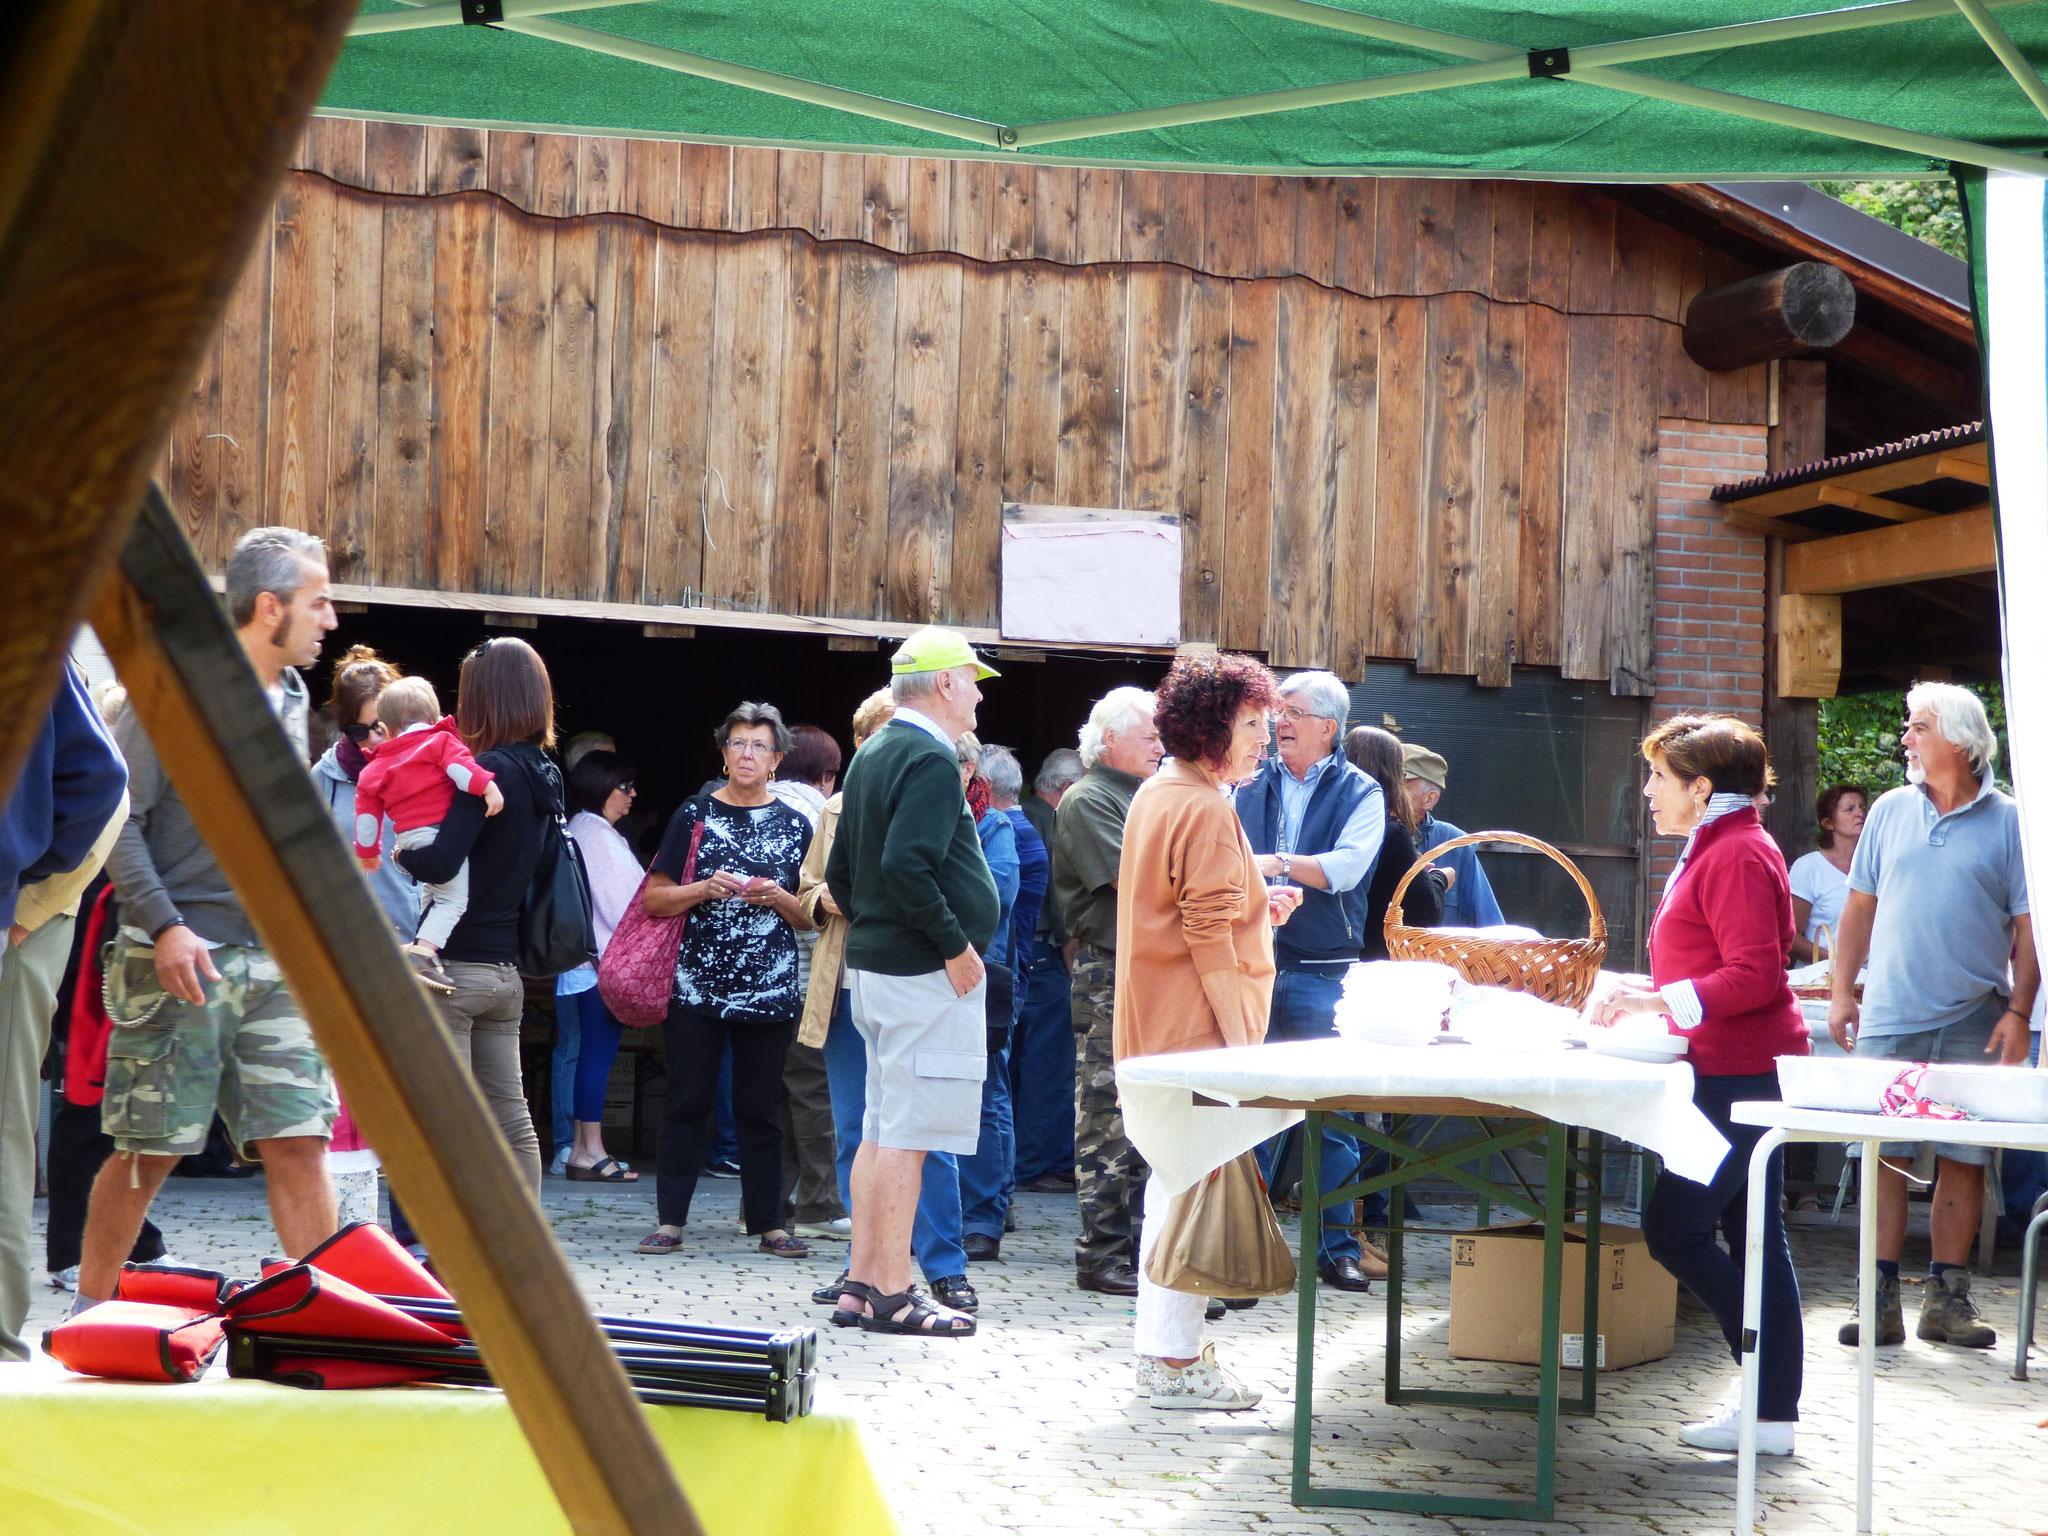 gli artigiani creativi di ArTre Artigiani Creativi Val Trebbia a Cerignale